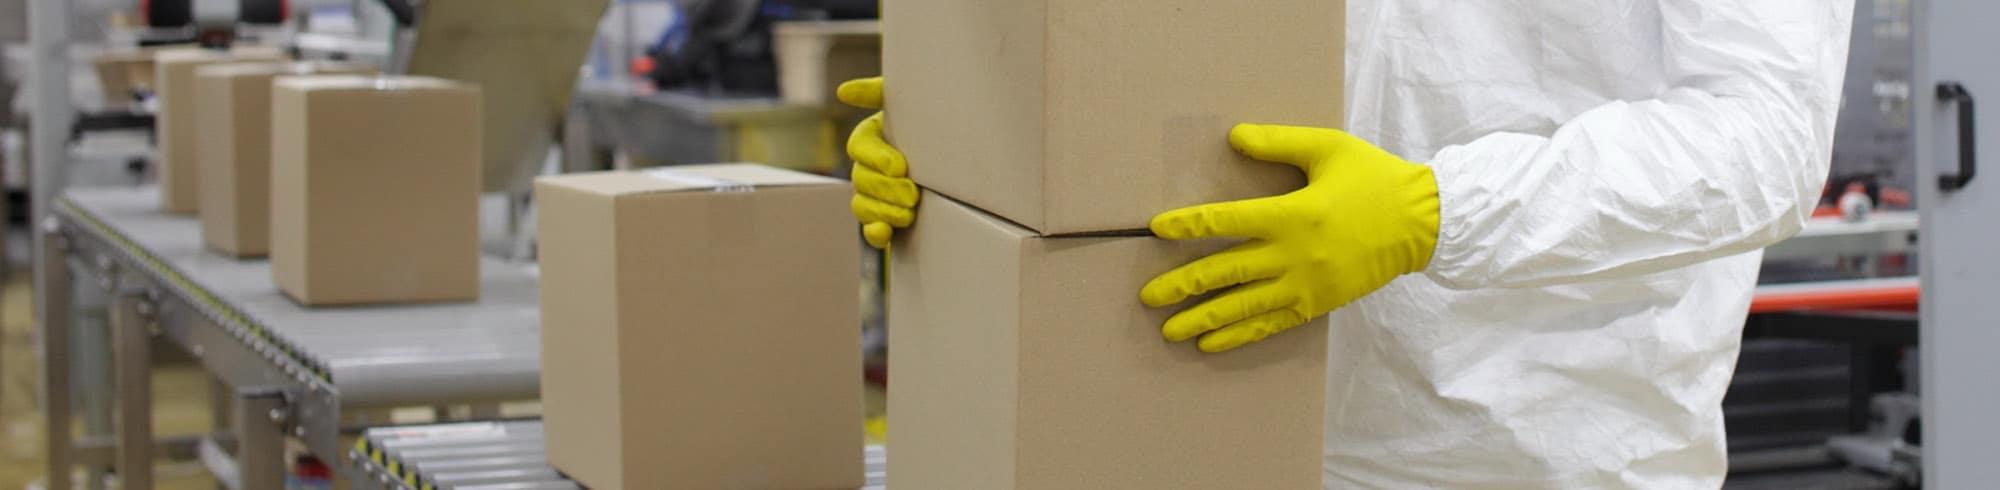 Punktudsugning til pakkelinjer og centralt støvsugeranlæg